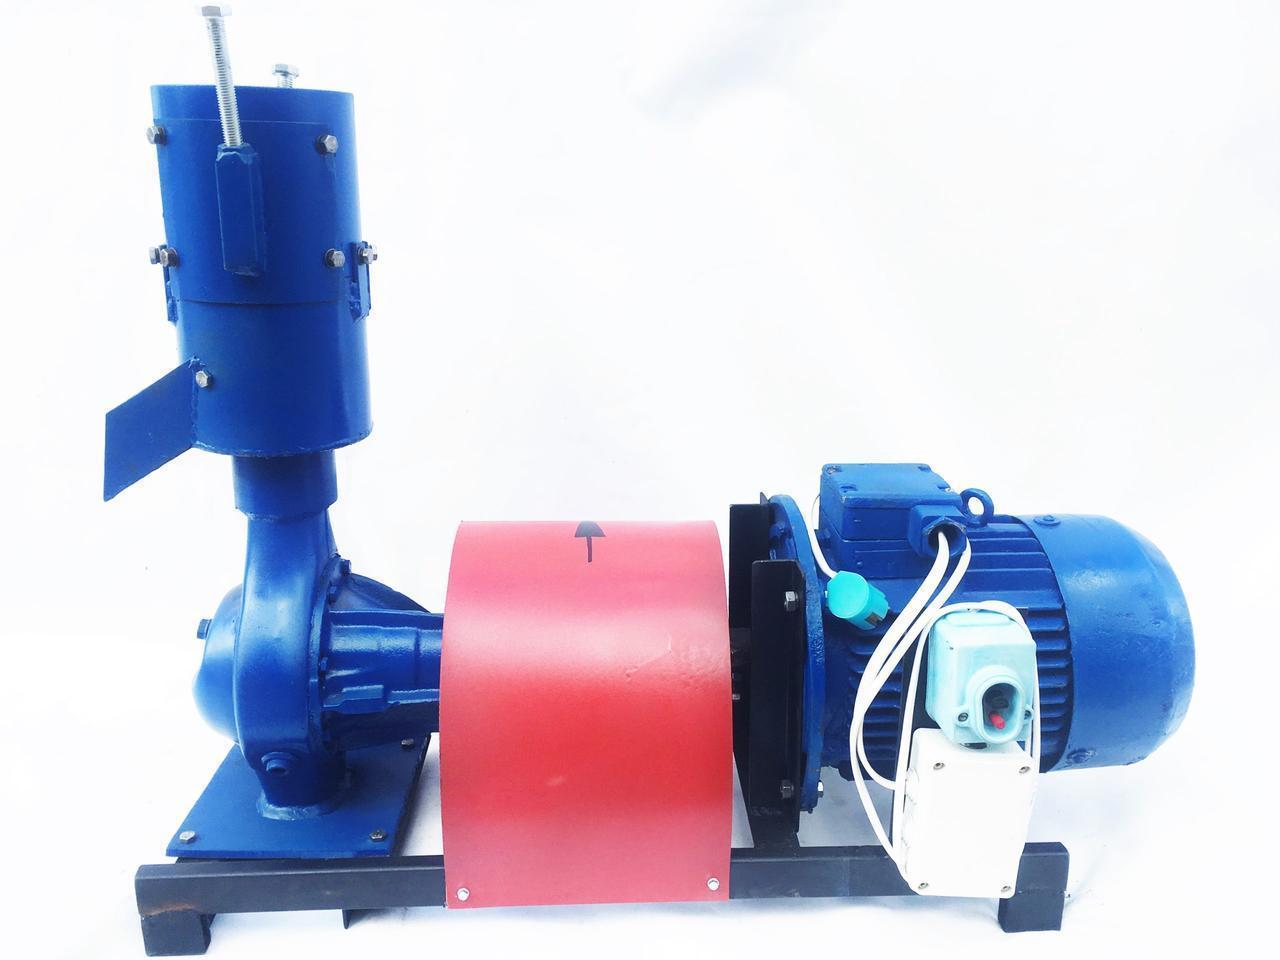 Пресс-гранулятор комбикорма универсальный ПГУ150 (220В, притертая матрица)(матрица)